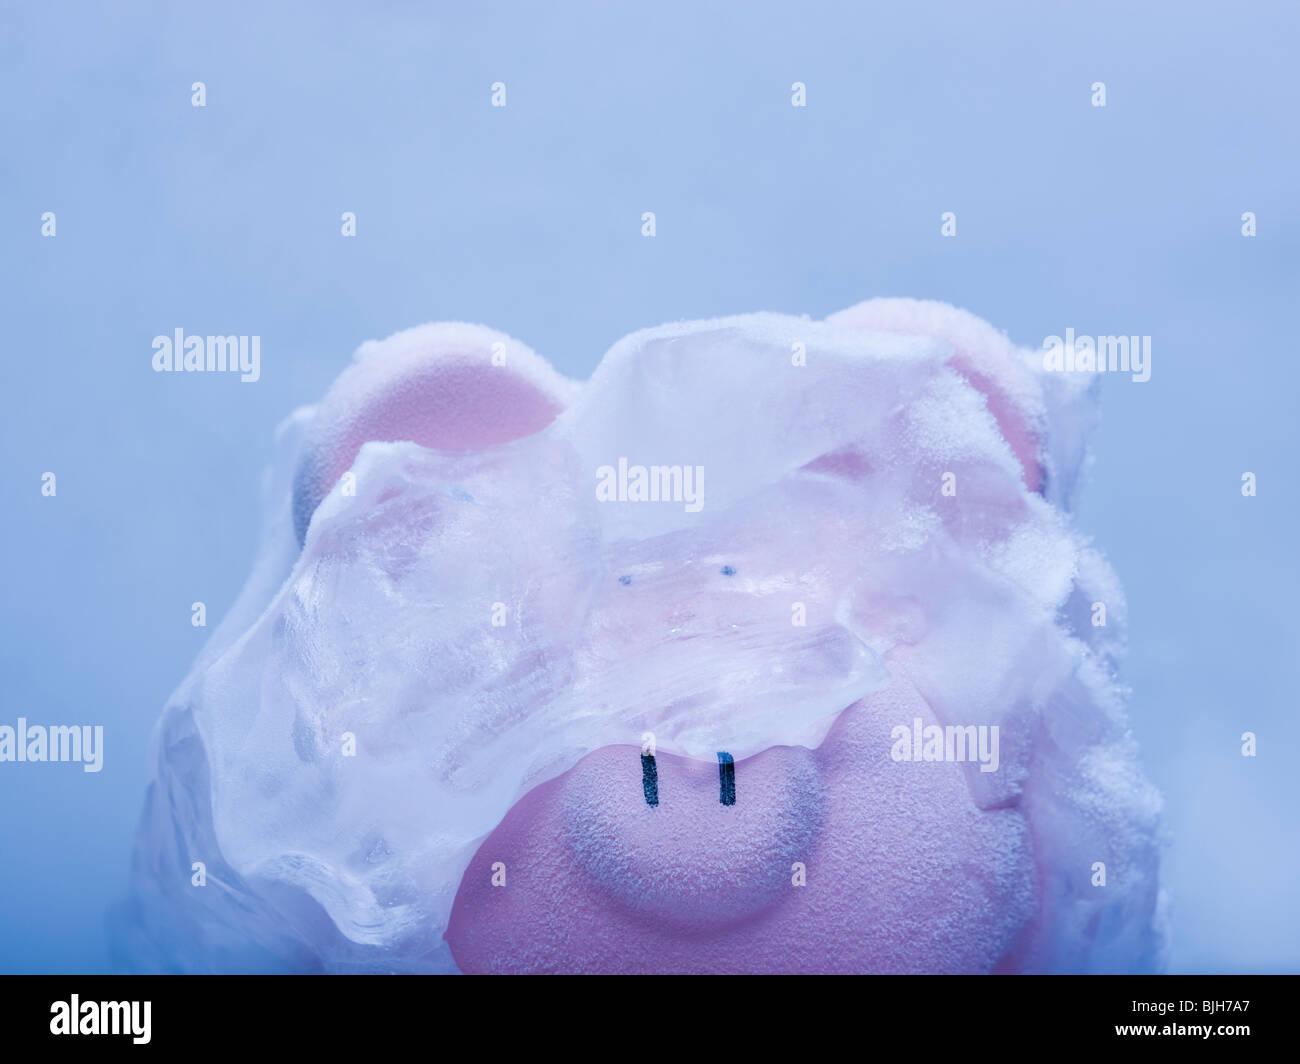 Hucha cubierto de hielo Imagen De Stock